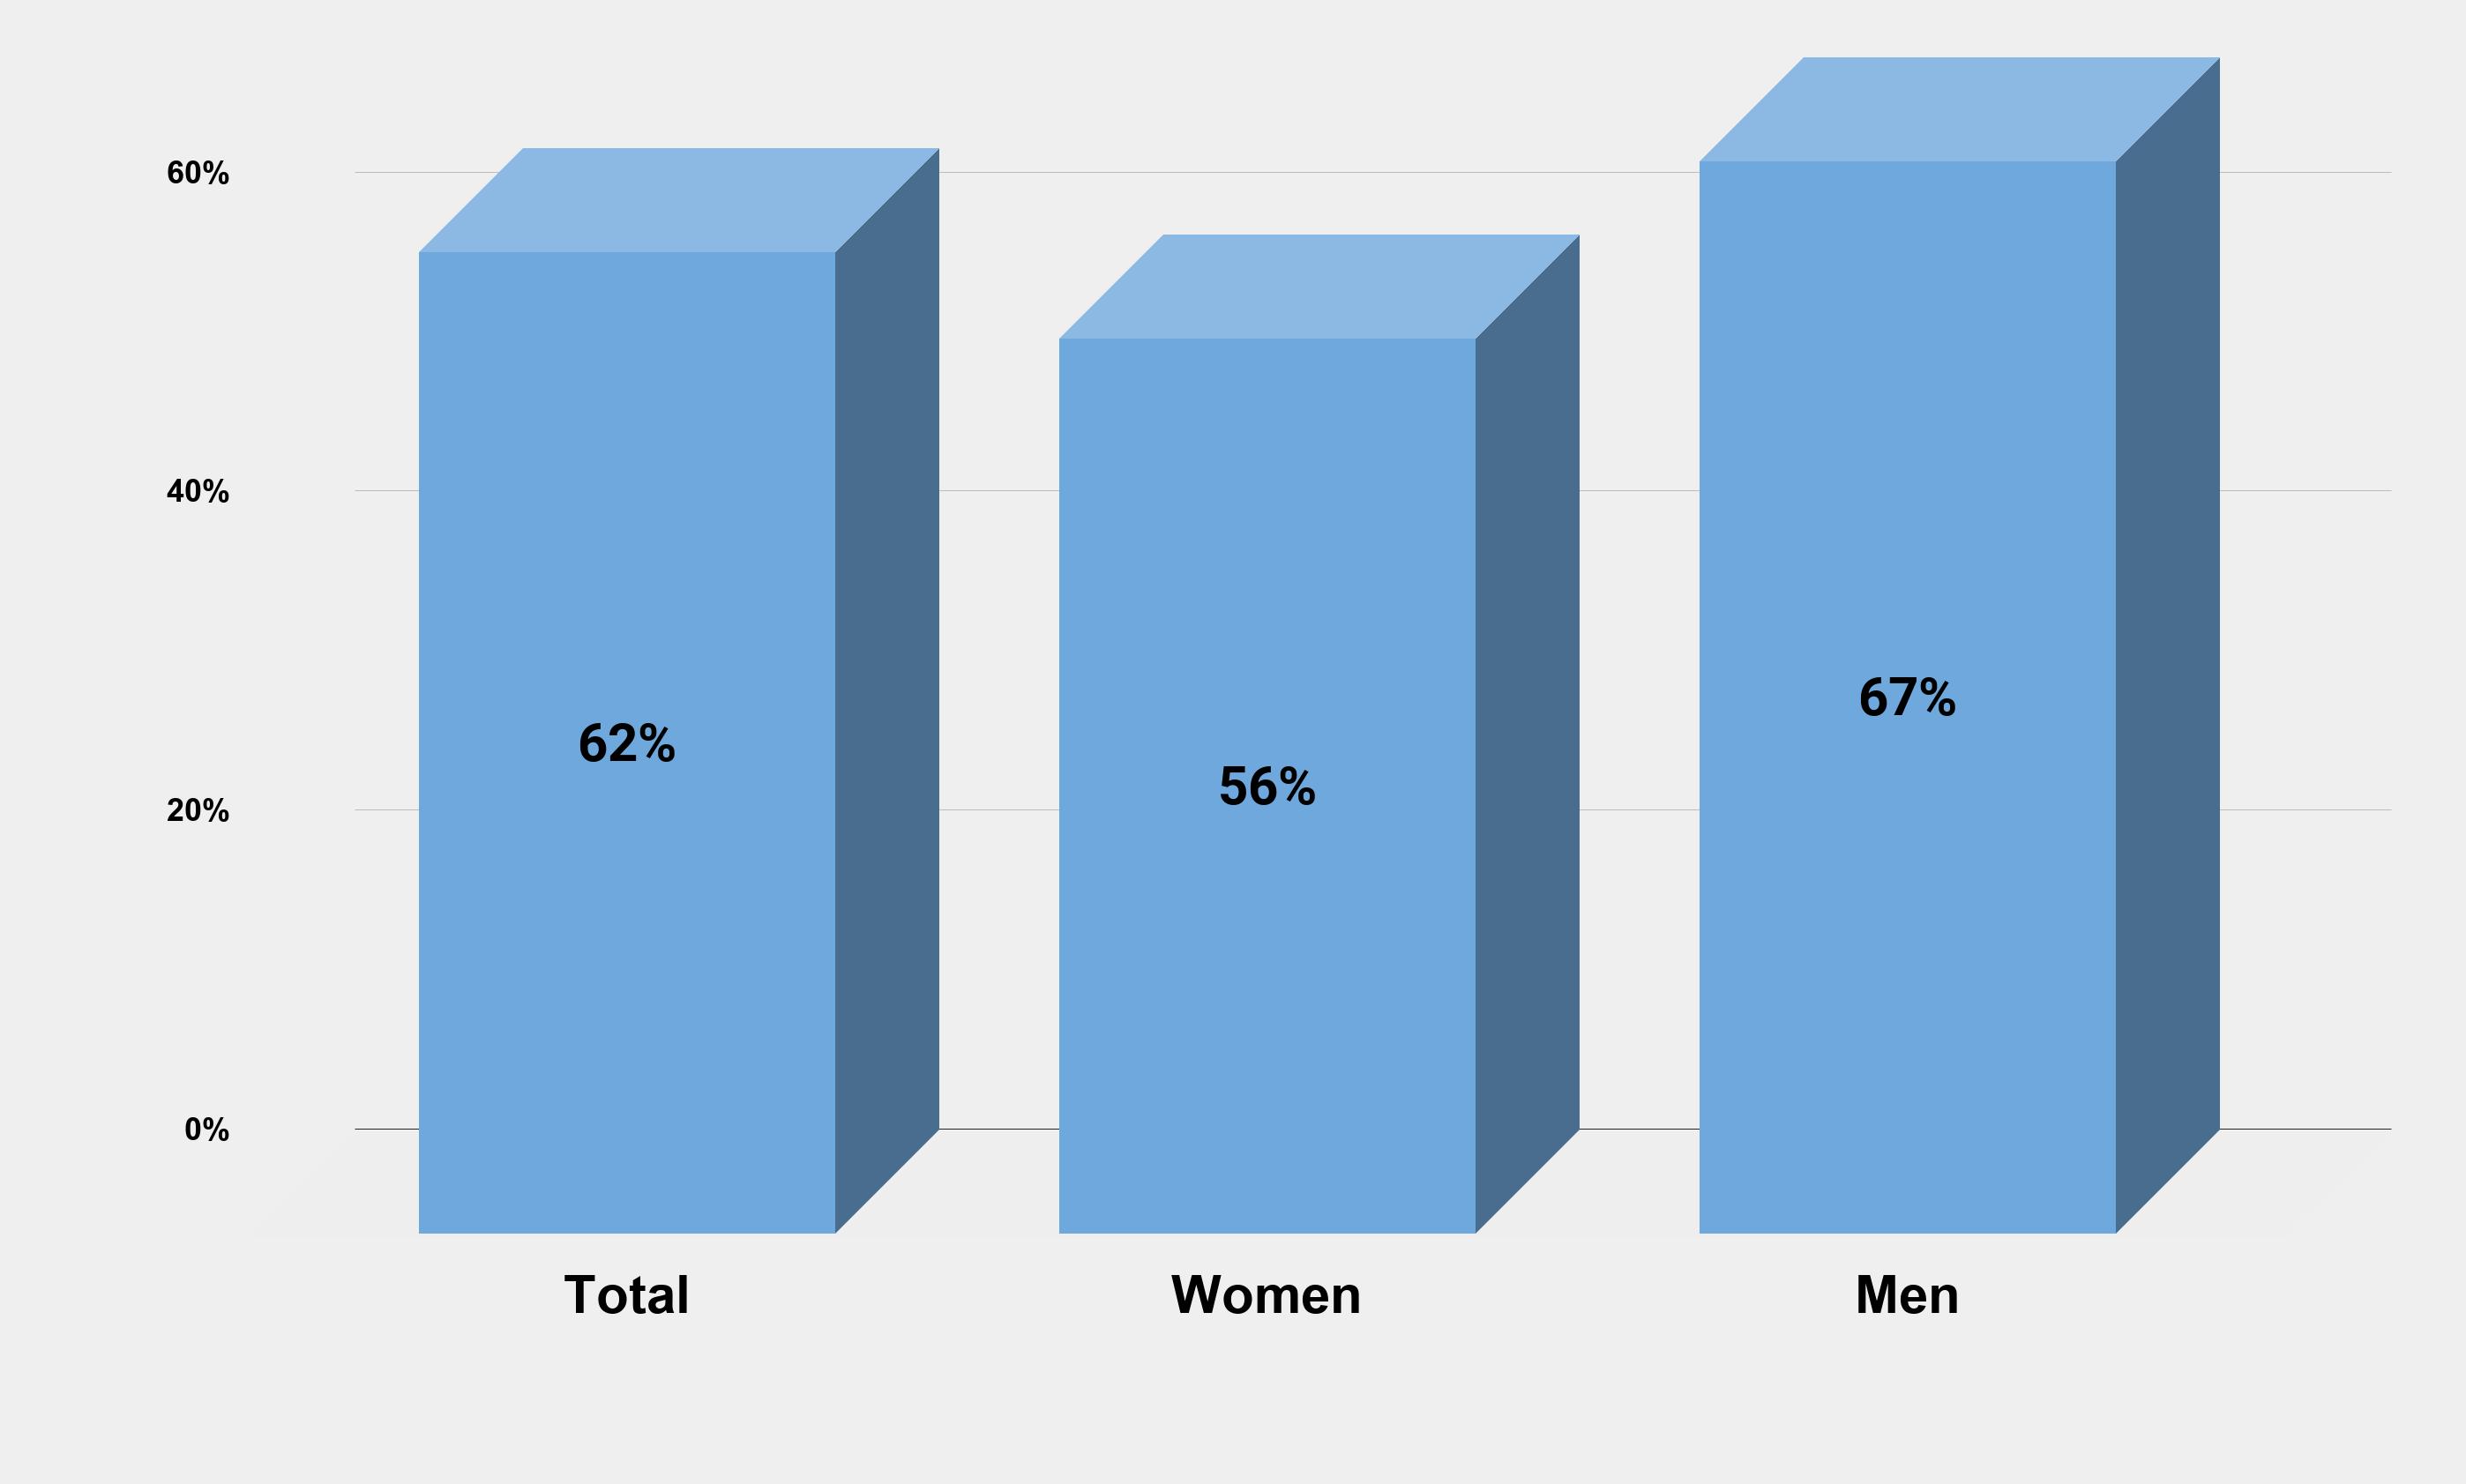 Labour force participation ratio of men versus women (U.S. as of June 2020) Charts Graphs Stats